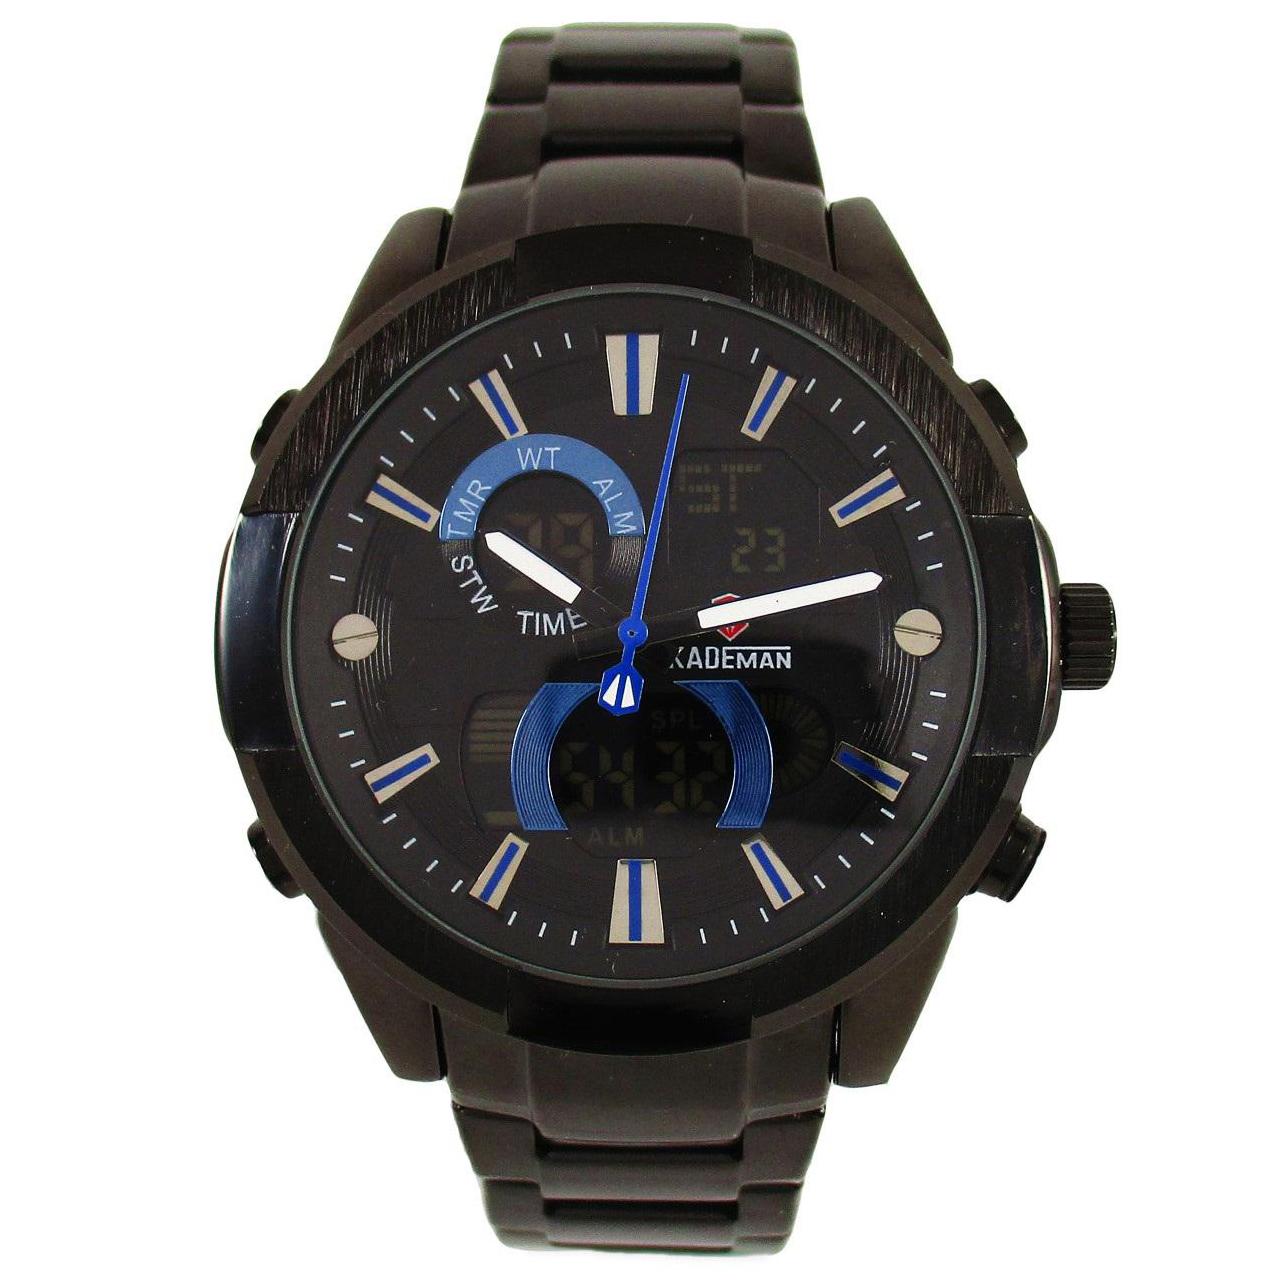 ساعت مچی عقربه ای مردانه کیدمن مدل K001G